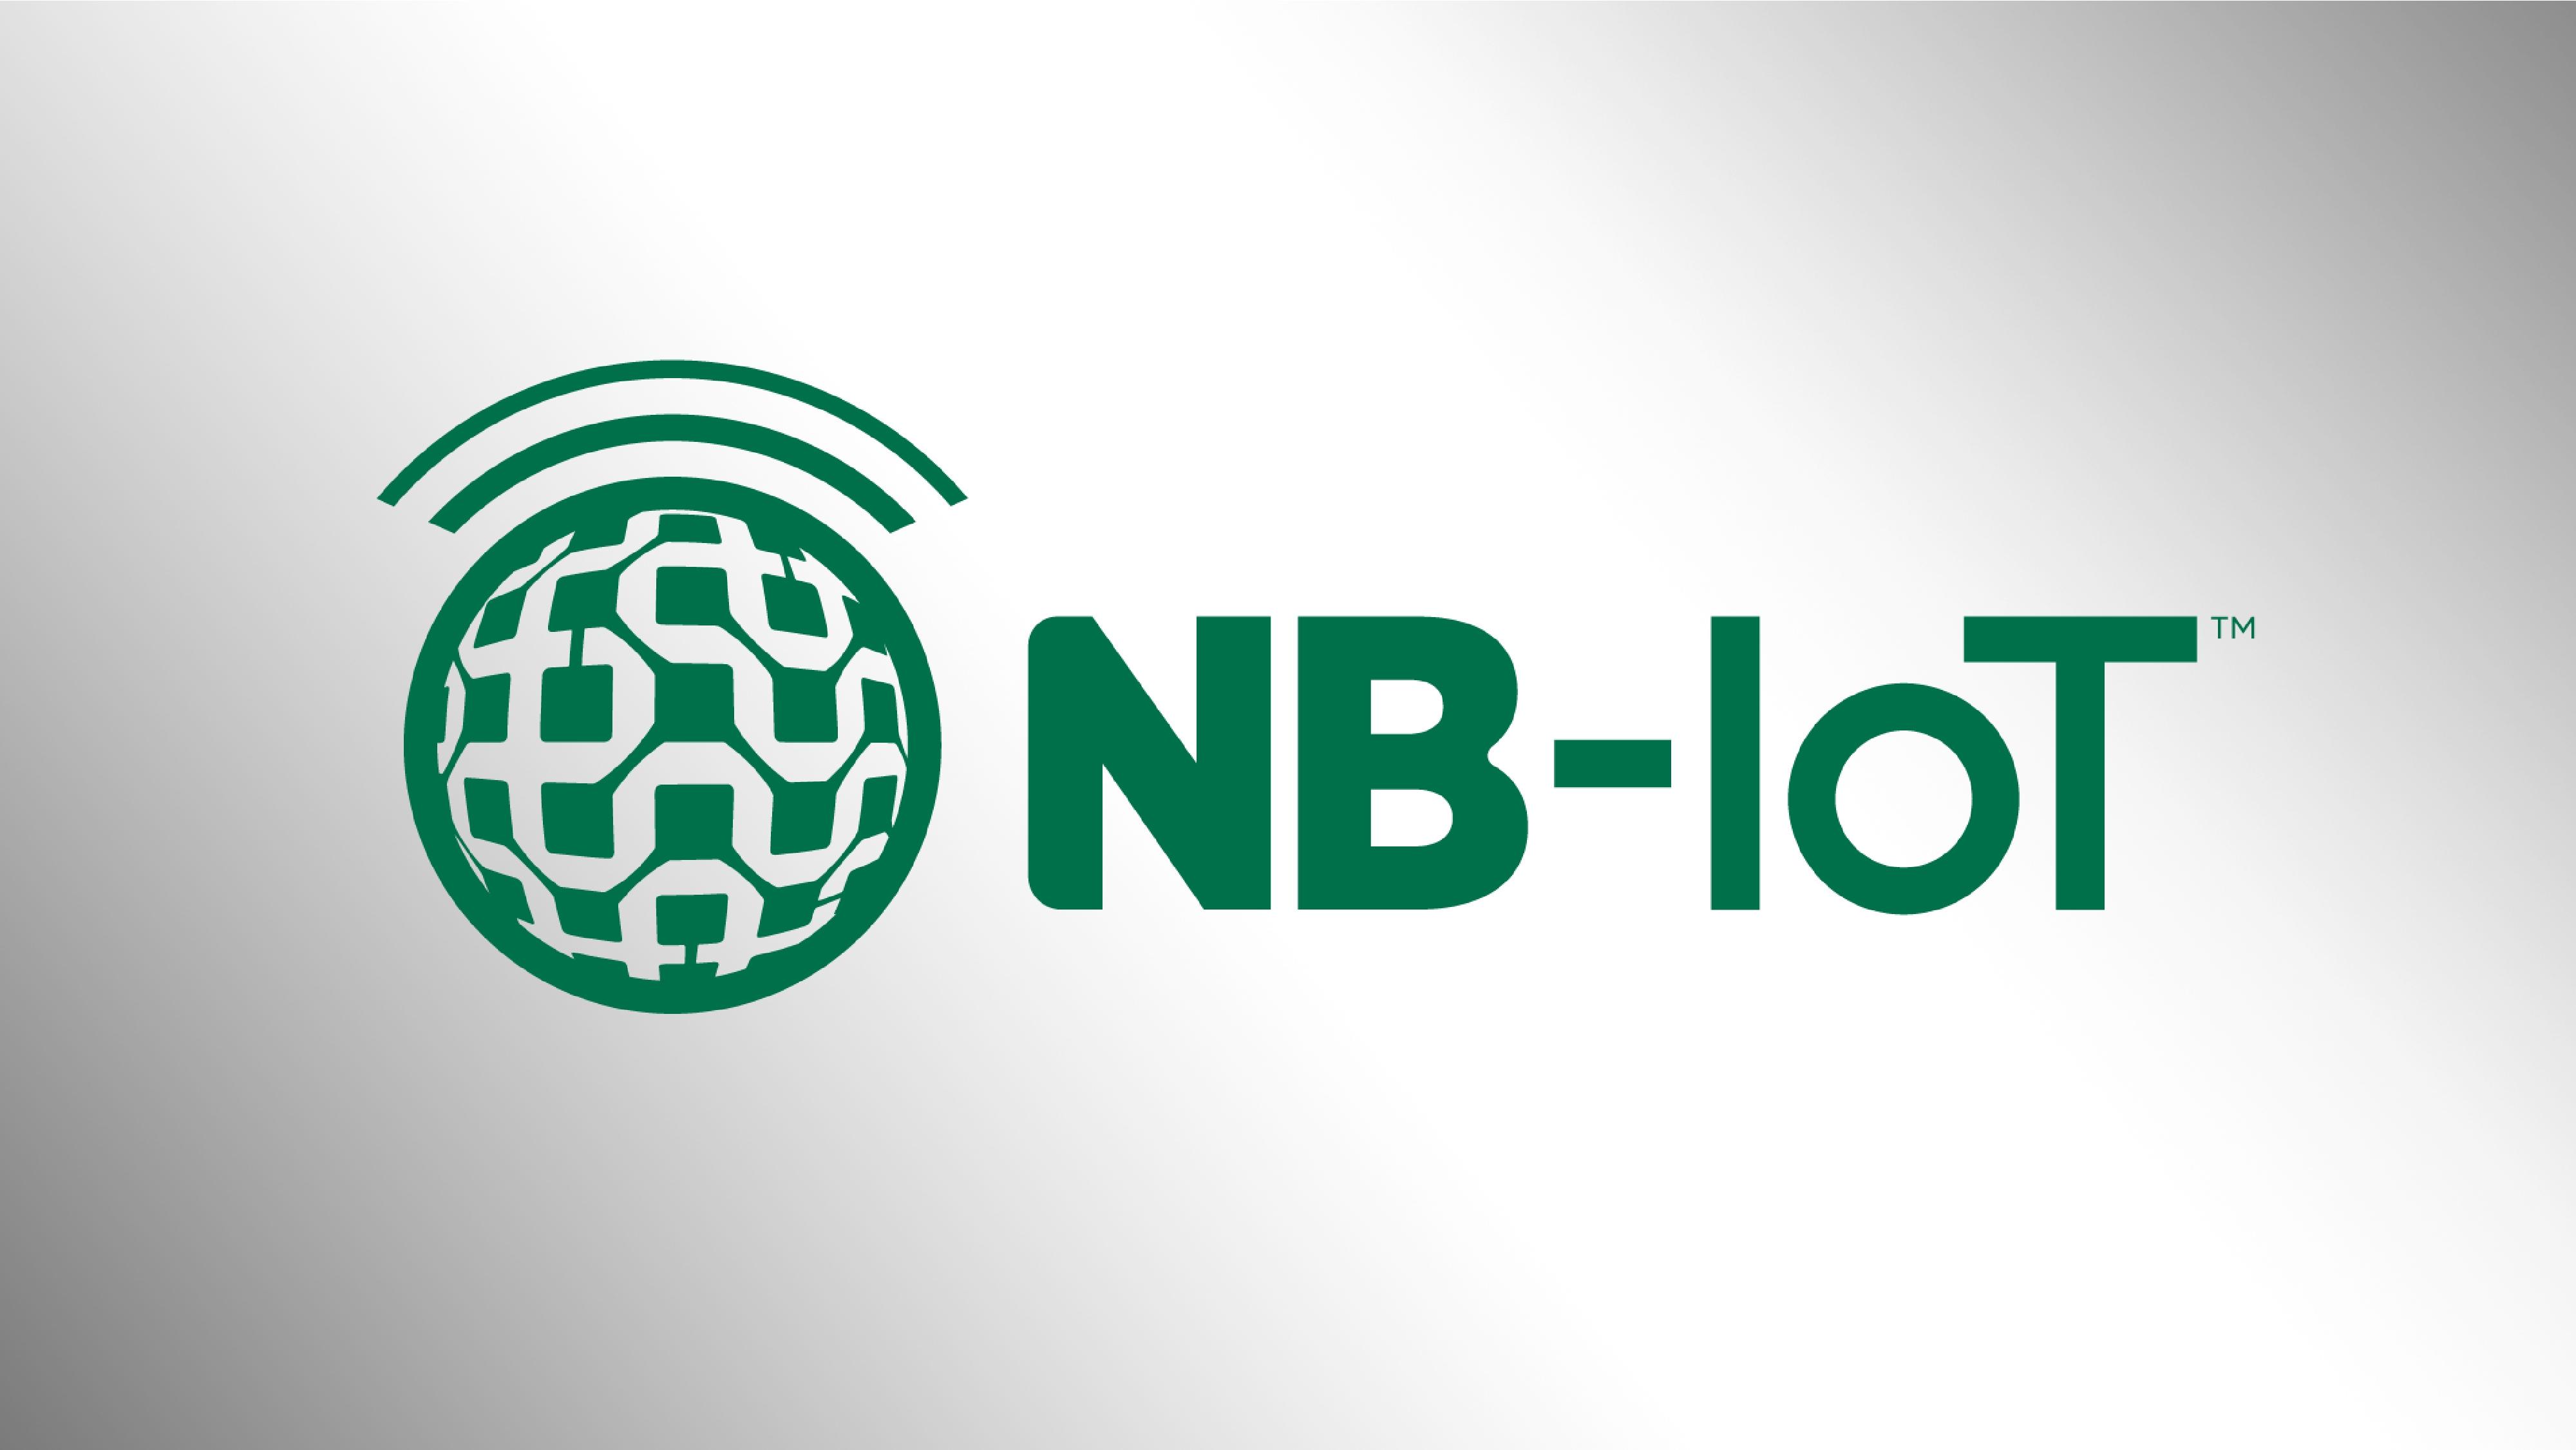 NB-IoT.jpg#asset:1396